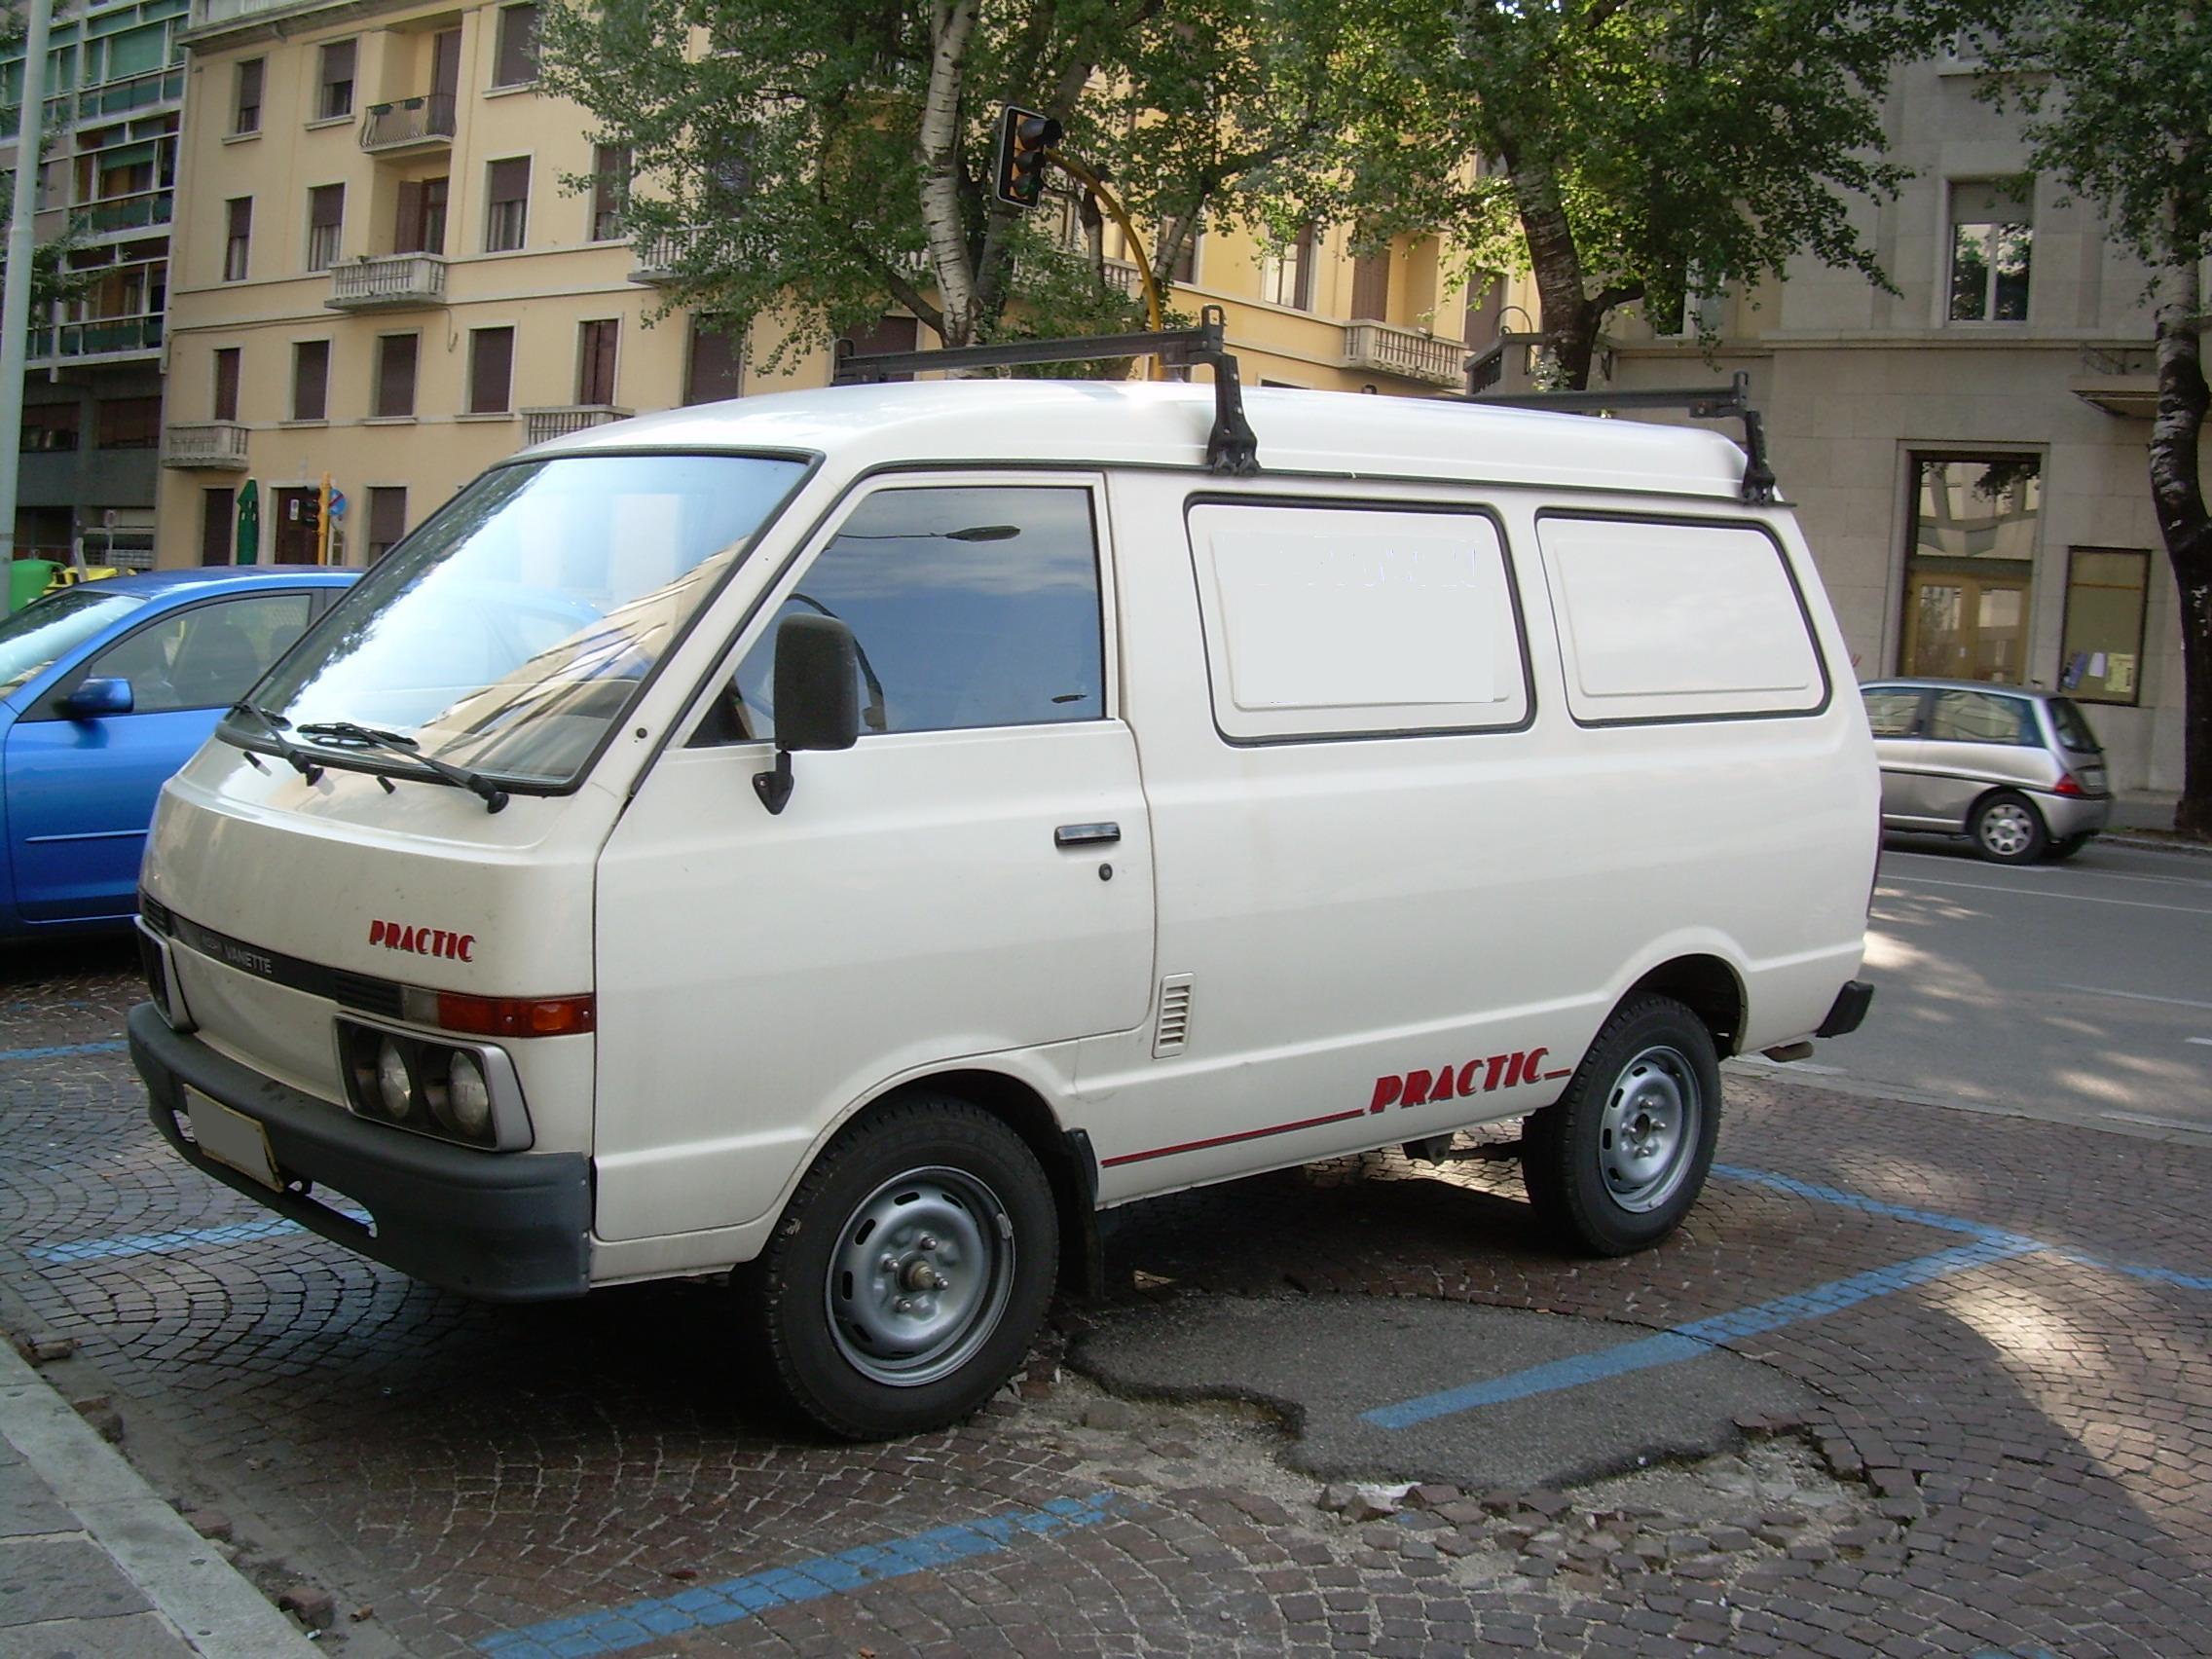 File:Nissan Vanette cargo.JPG - Wikipedia